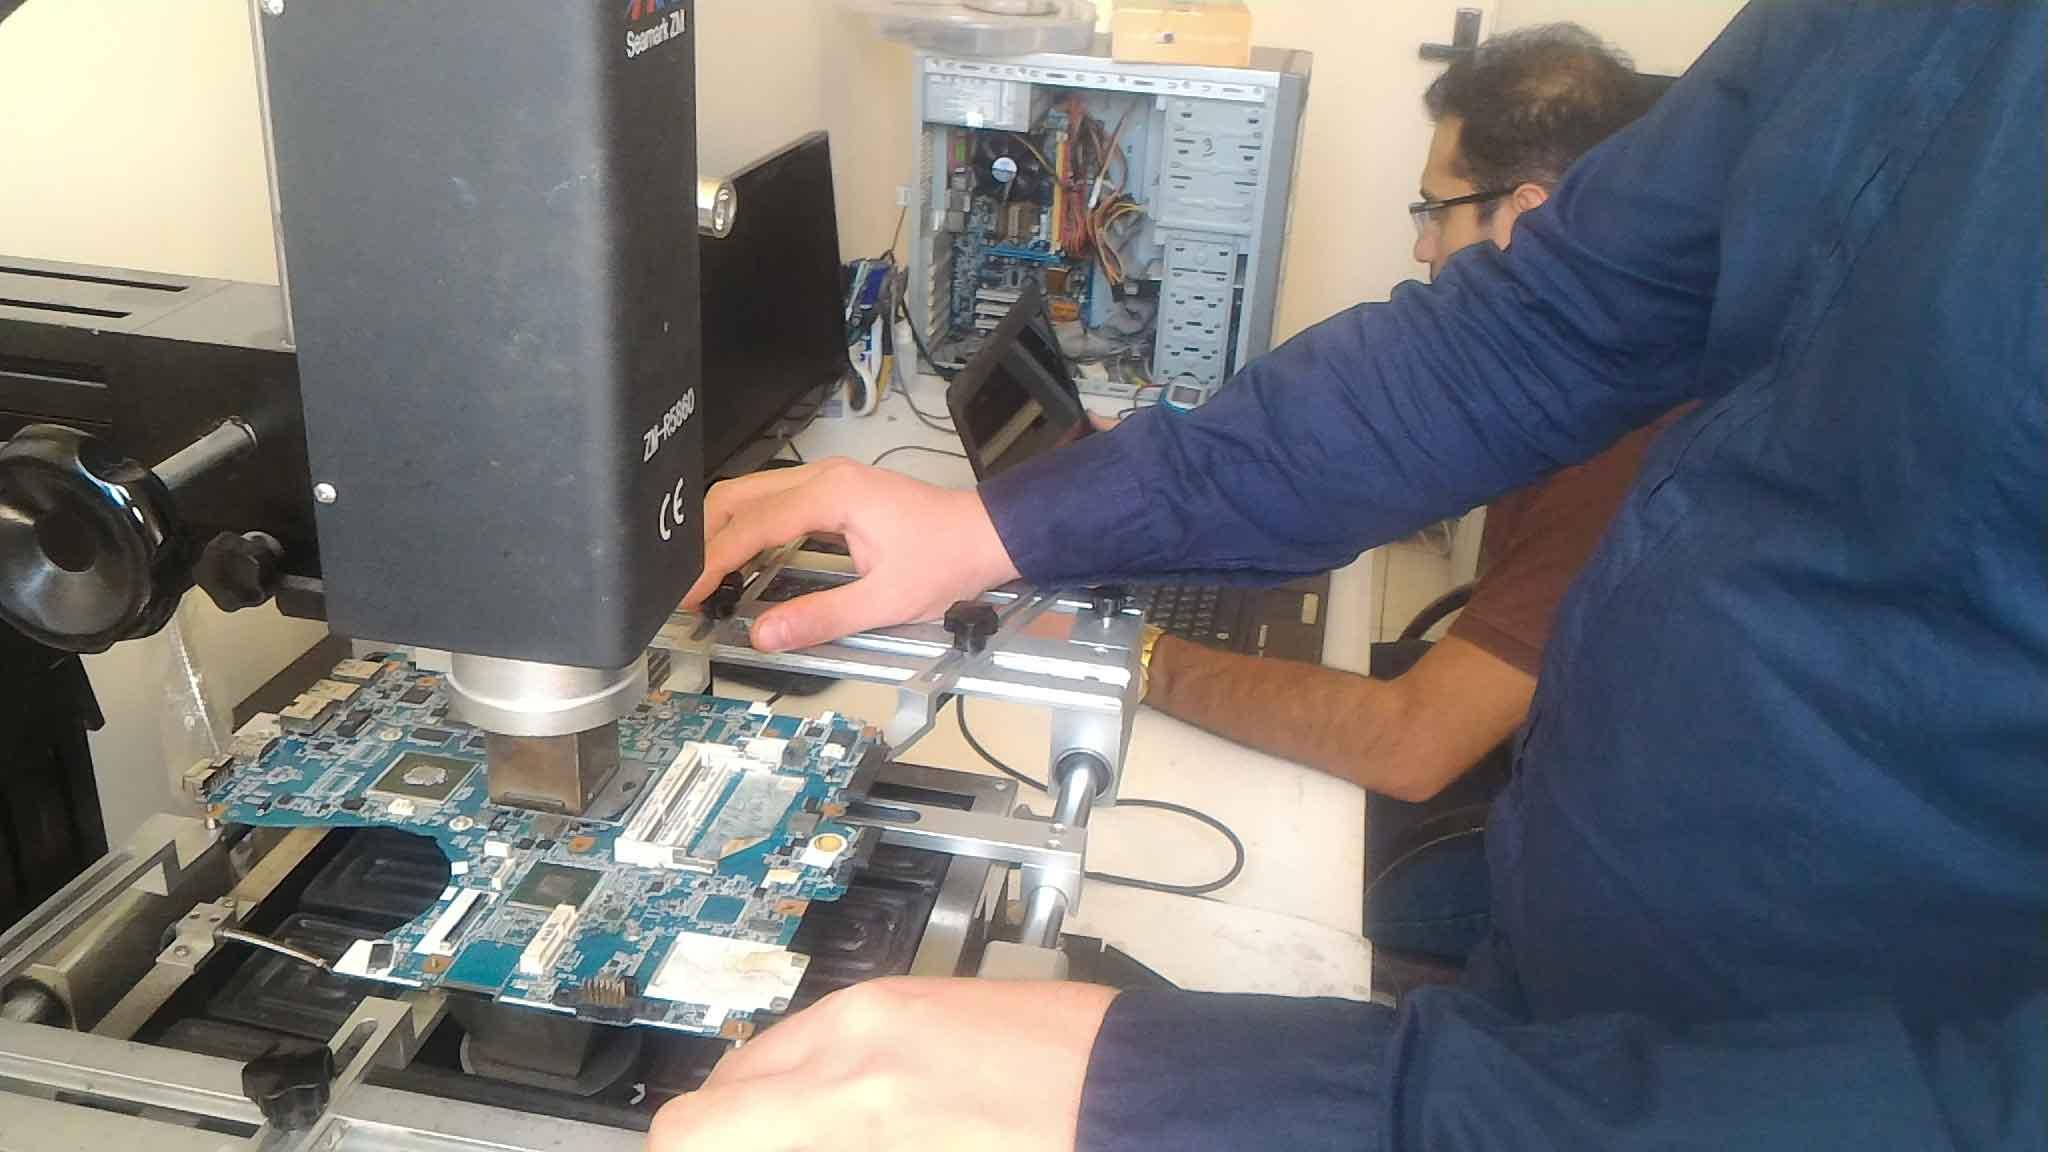 تعمیر لپ تاپ sony - یک